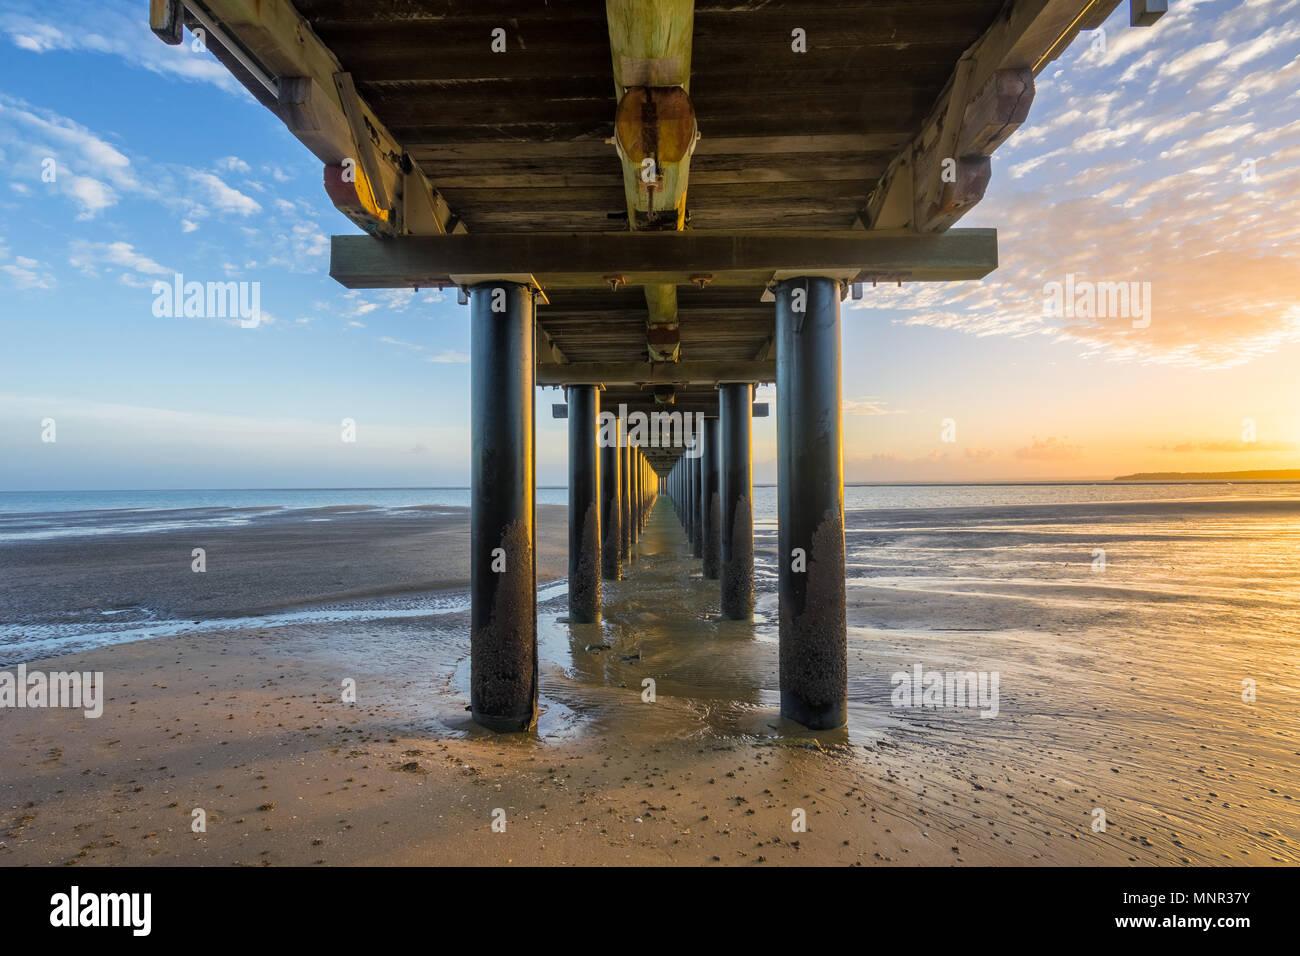 Amanecer en Urangan Pier, Hervey Bay, Fraser Coast, Queensland, Australia Foto de stock